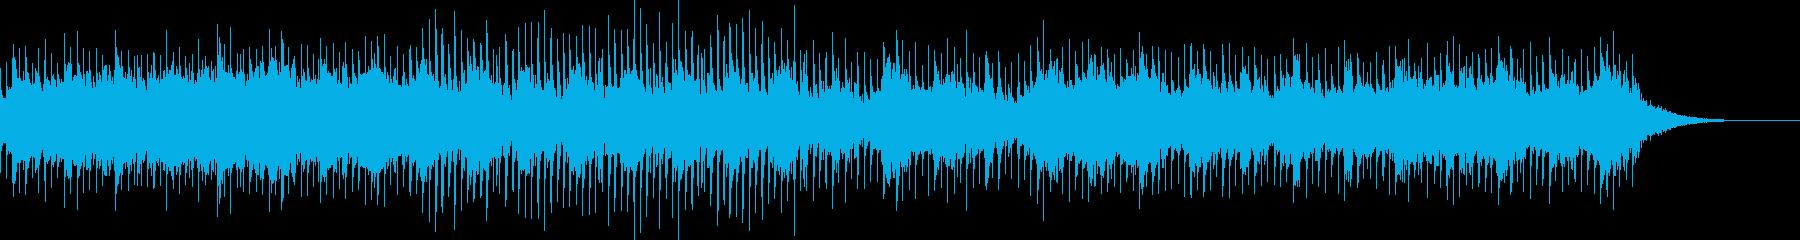 和楽器不使用和風高速テクノ シンプルの再生済みの波形